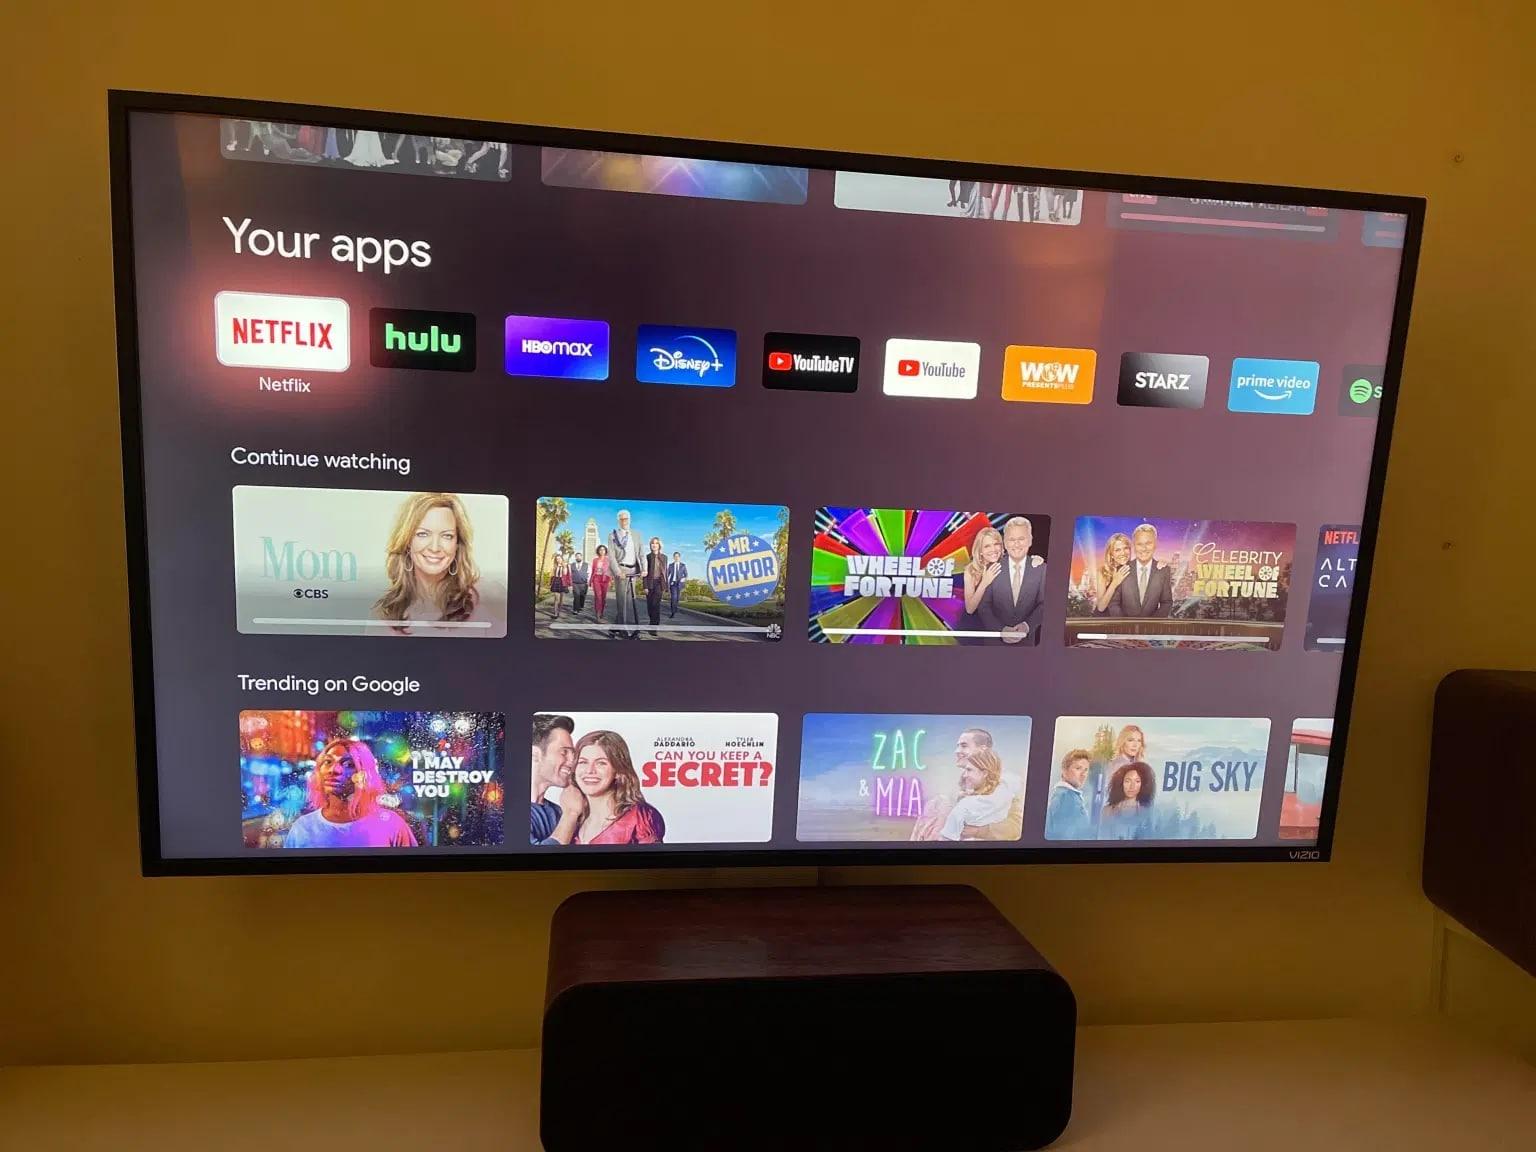 Le icone delle app di Google TV sembrerebbero essere tornate alle loro normali dimensioni